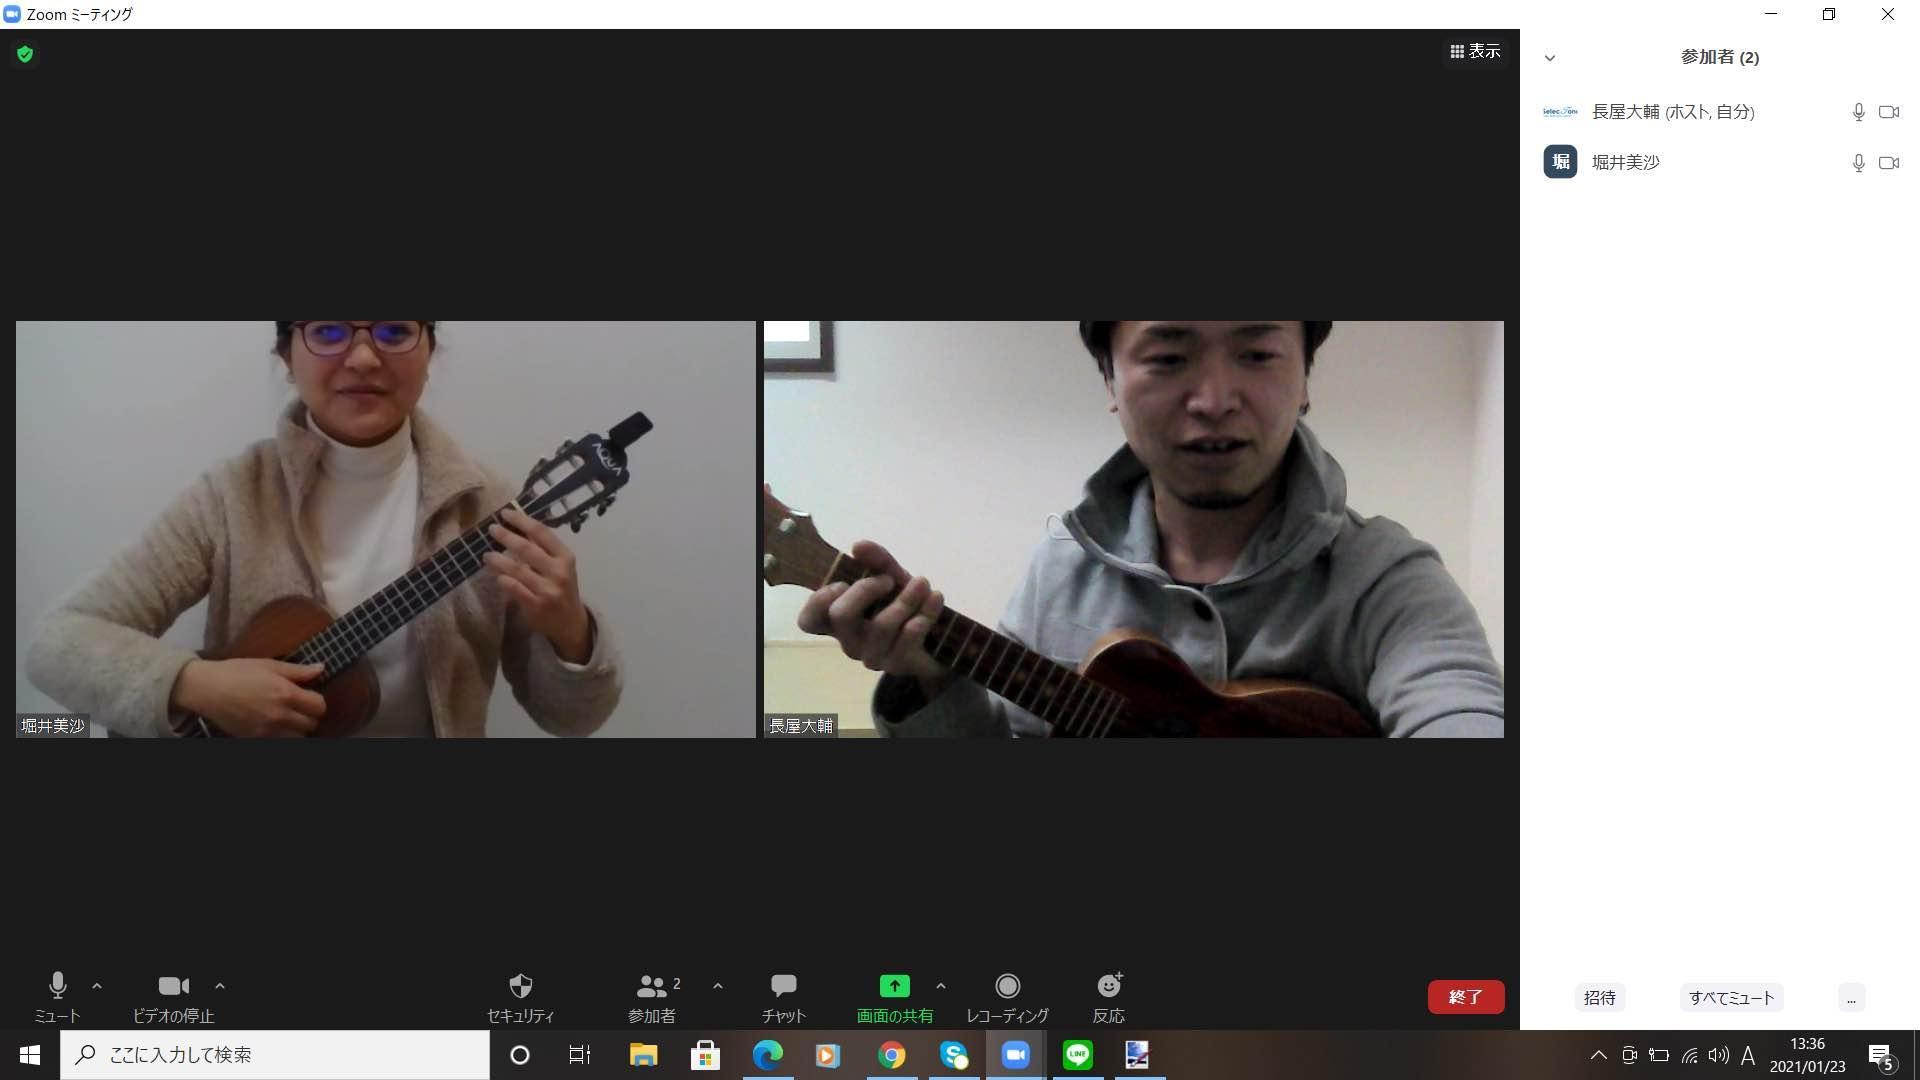 セレクトーンミュージックスクール・ウクレレ・オンラインレッスン